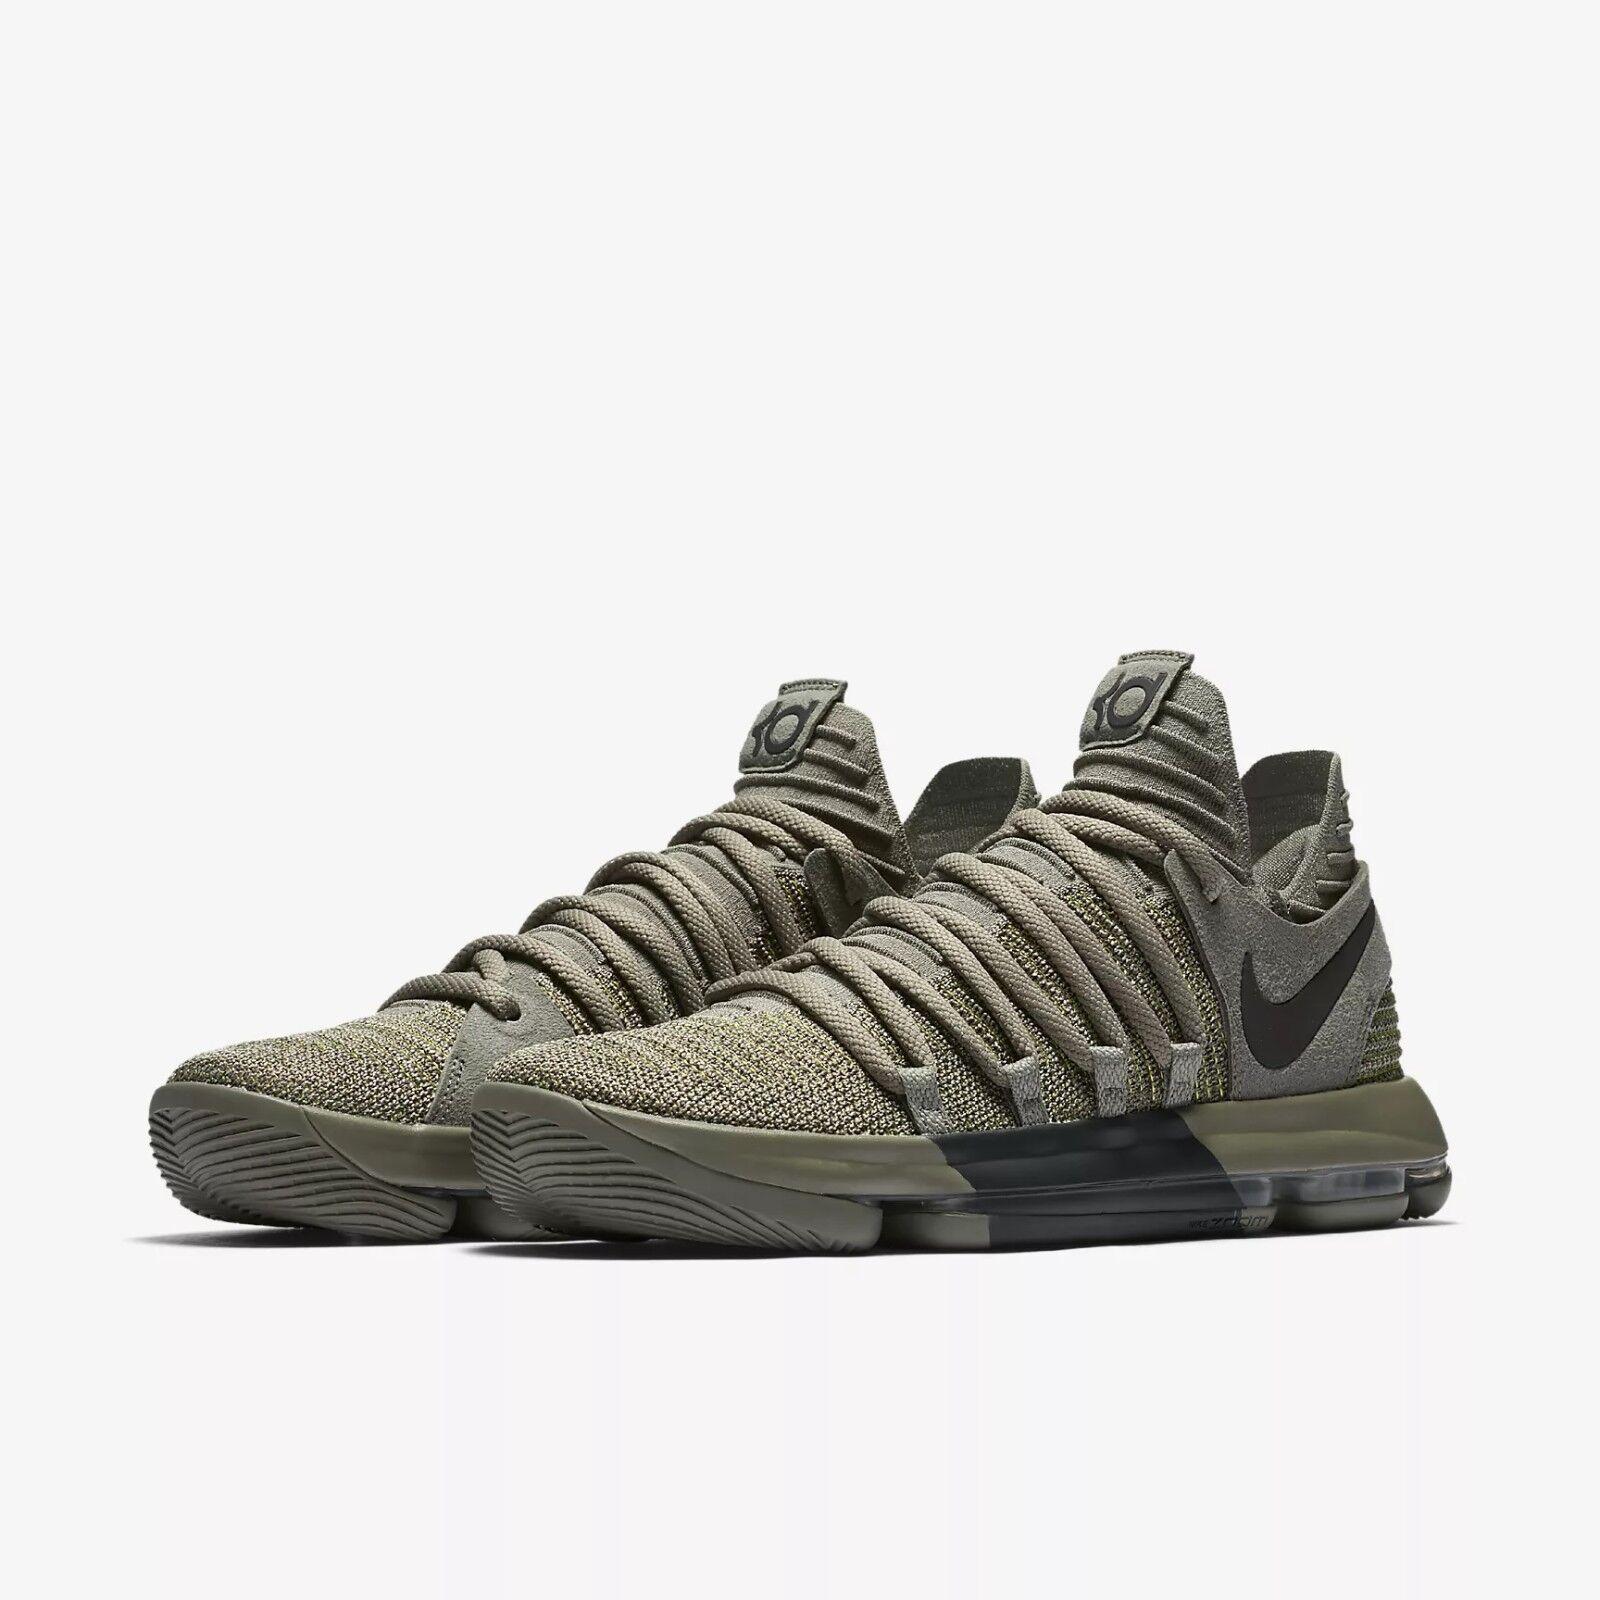 Para hombres Limitada Nike Zoom Kd 10 Limitada hombres Zapatos  de baloncesto estuco oscuro/antracita 897817002 00e3c3